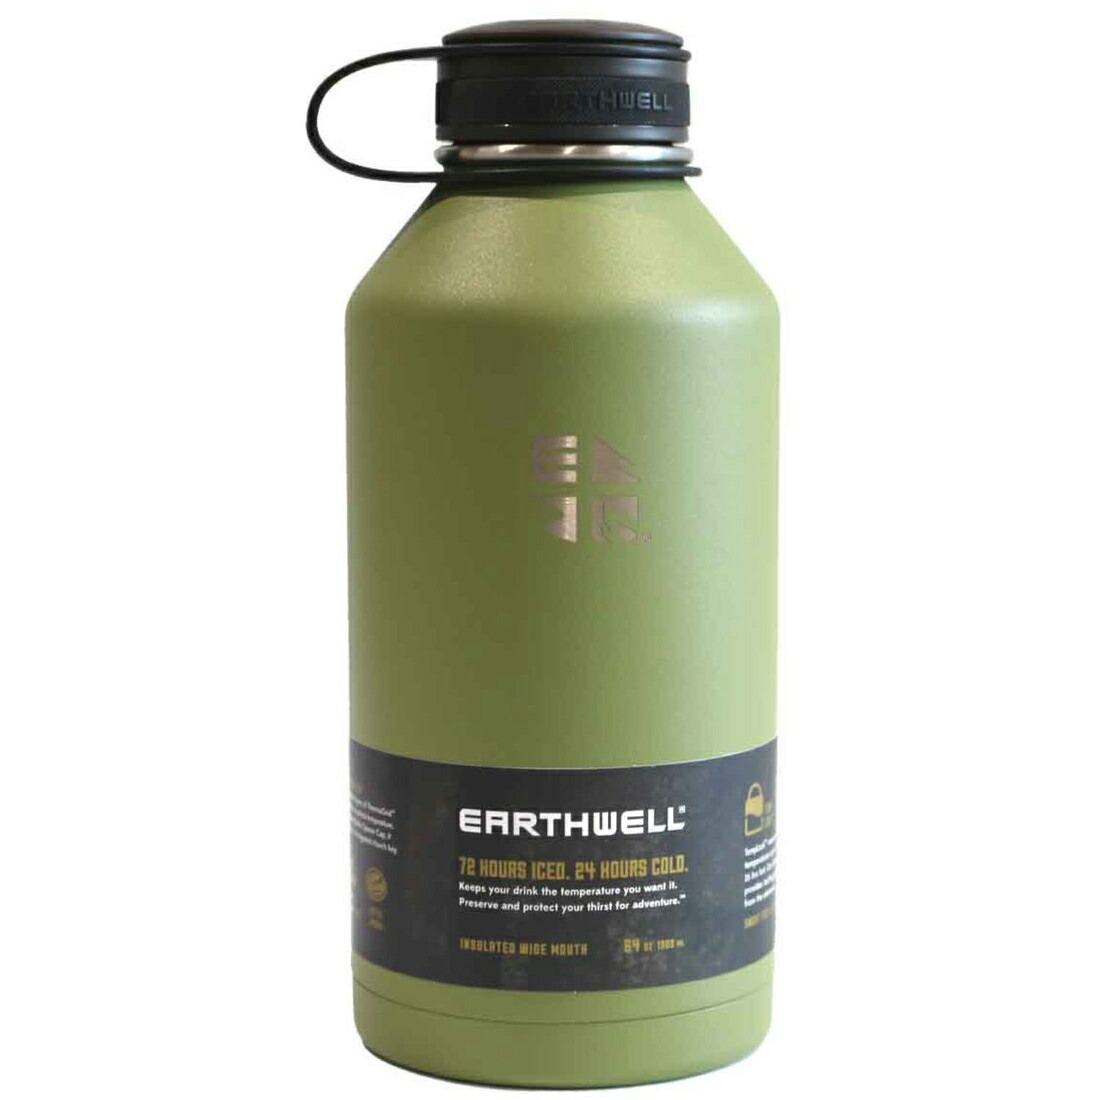 アースウェル クーラーボトル 64oz オープナーキャップ バキュームボトル 保冷 保温 ボトル 水筒  正規品